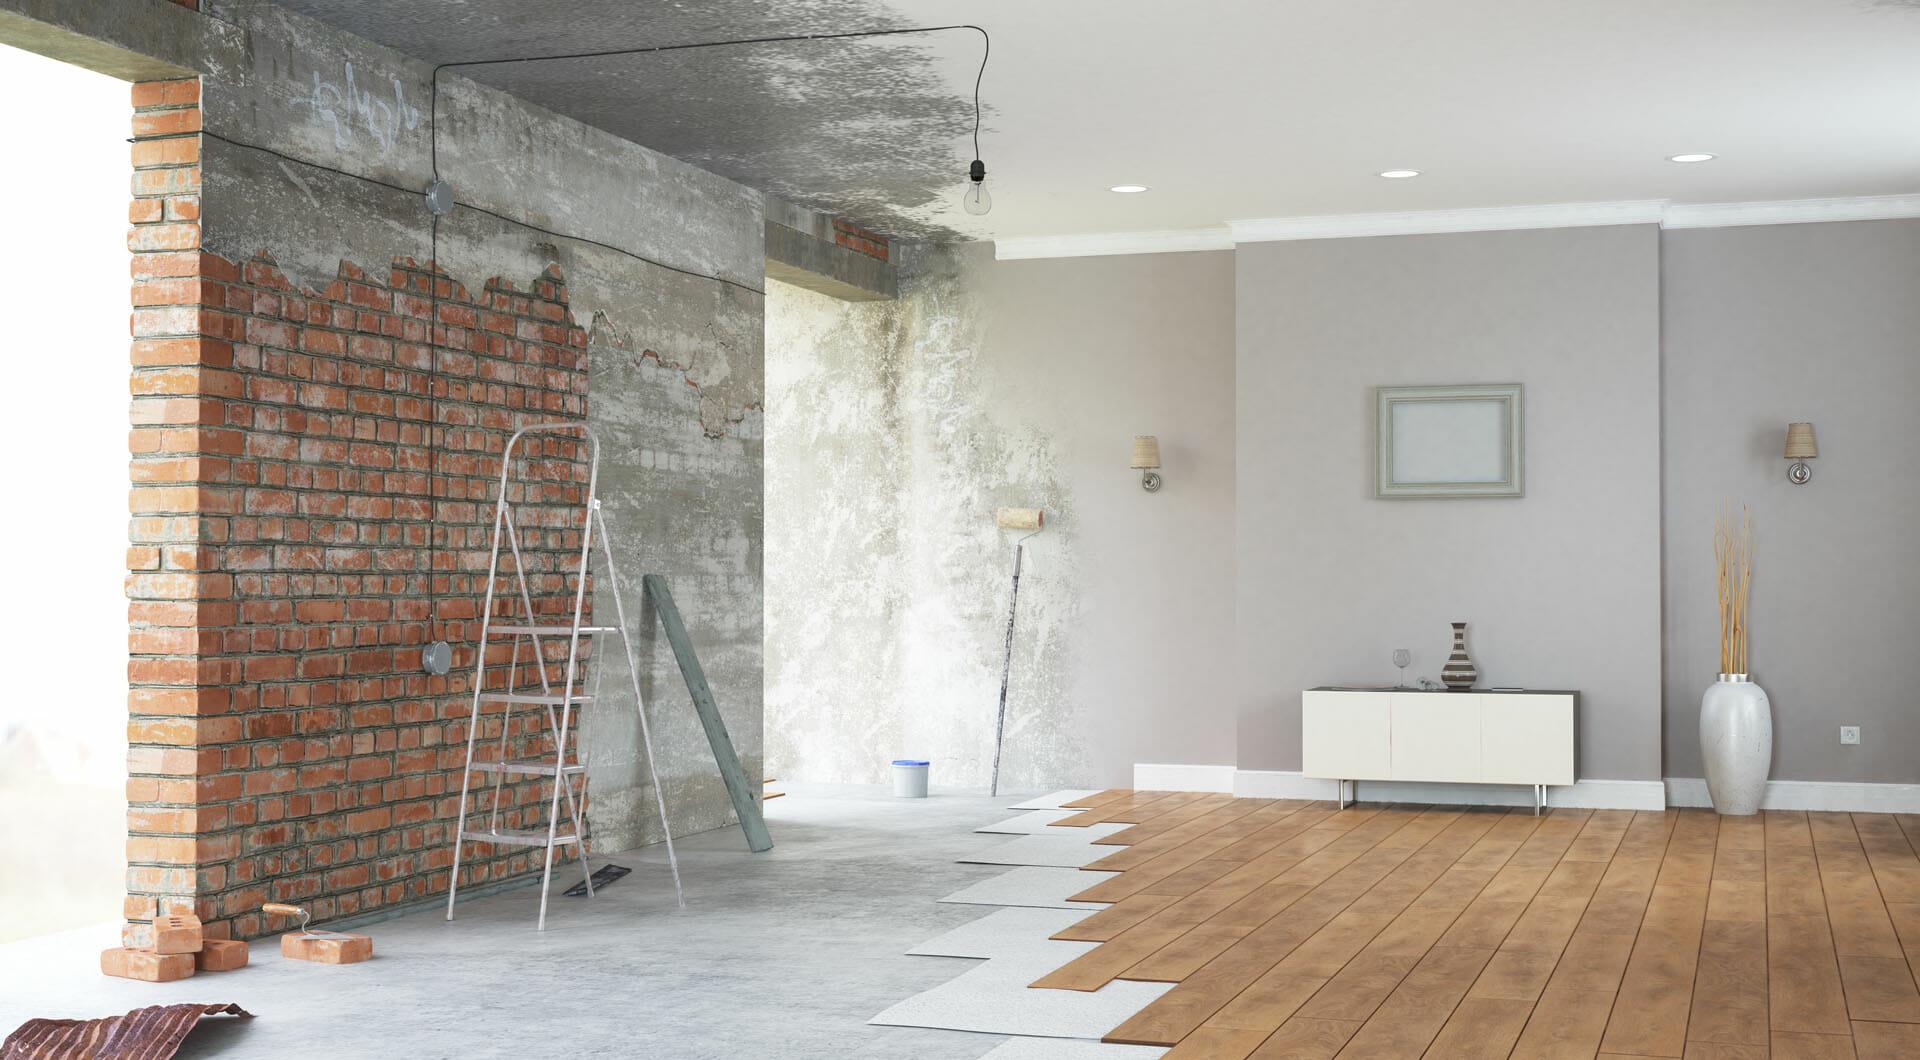 Ristrutturazione Completa Casa Costi prestito di ristrutturazione | créditgram